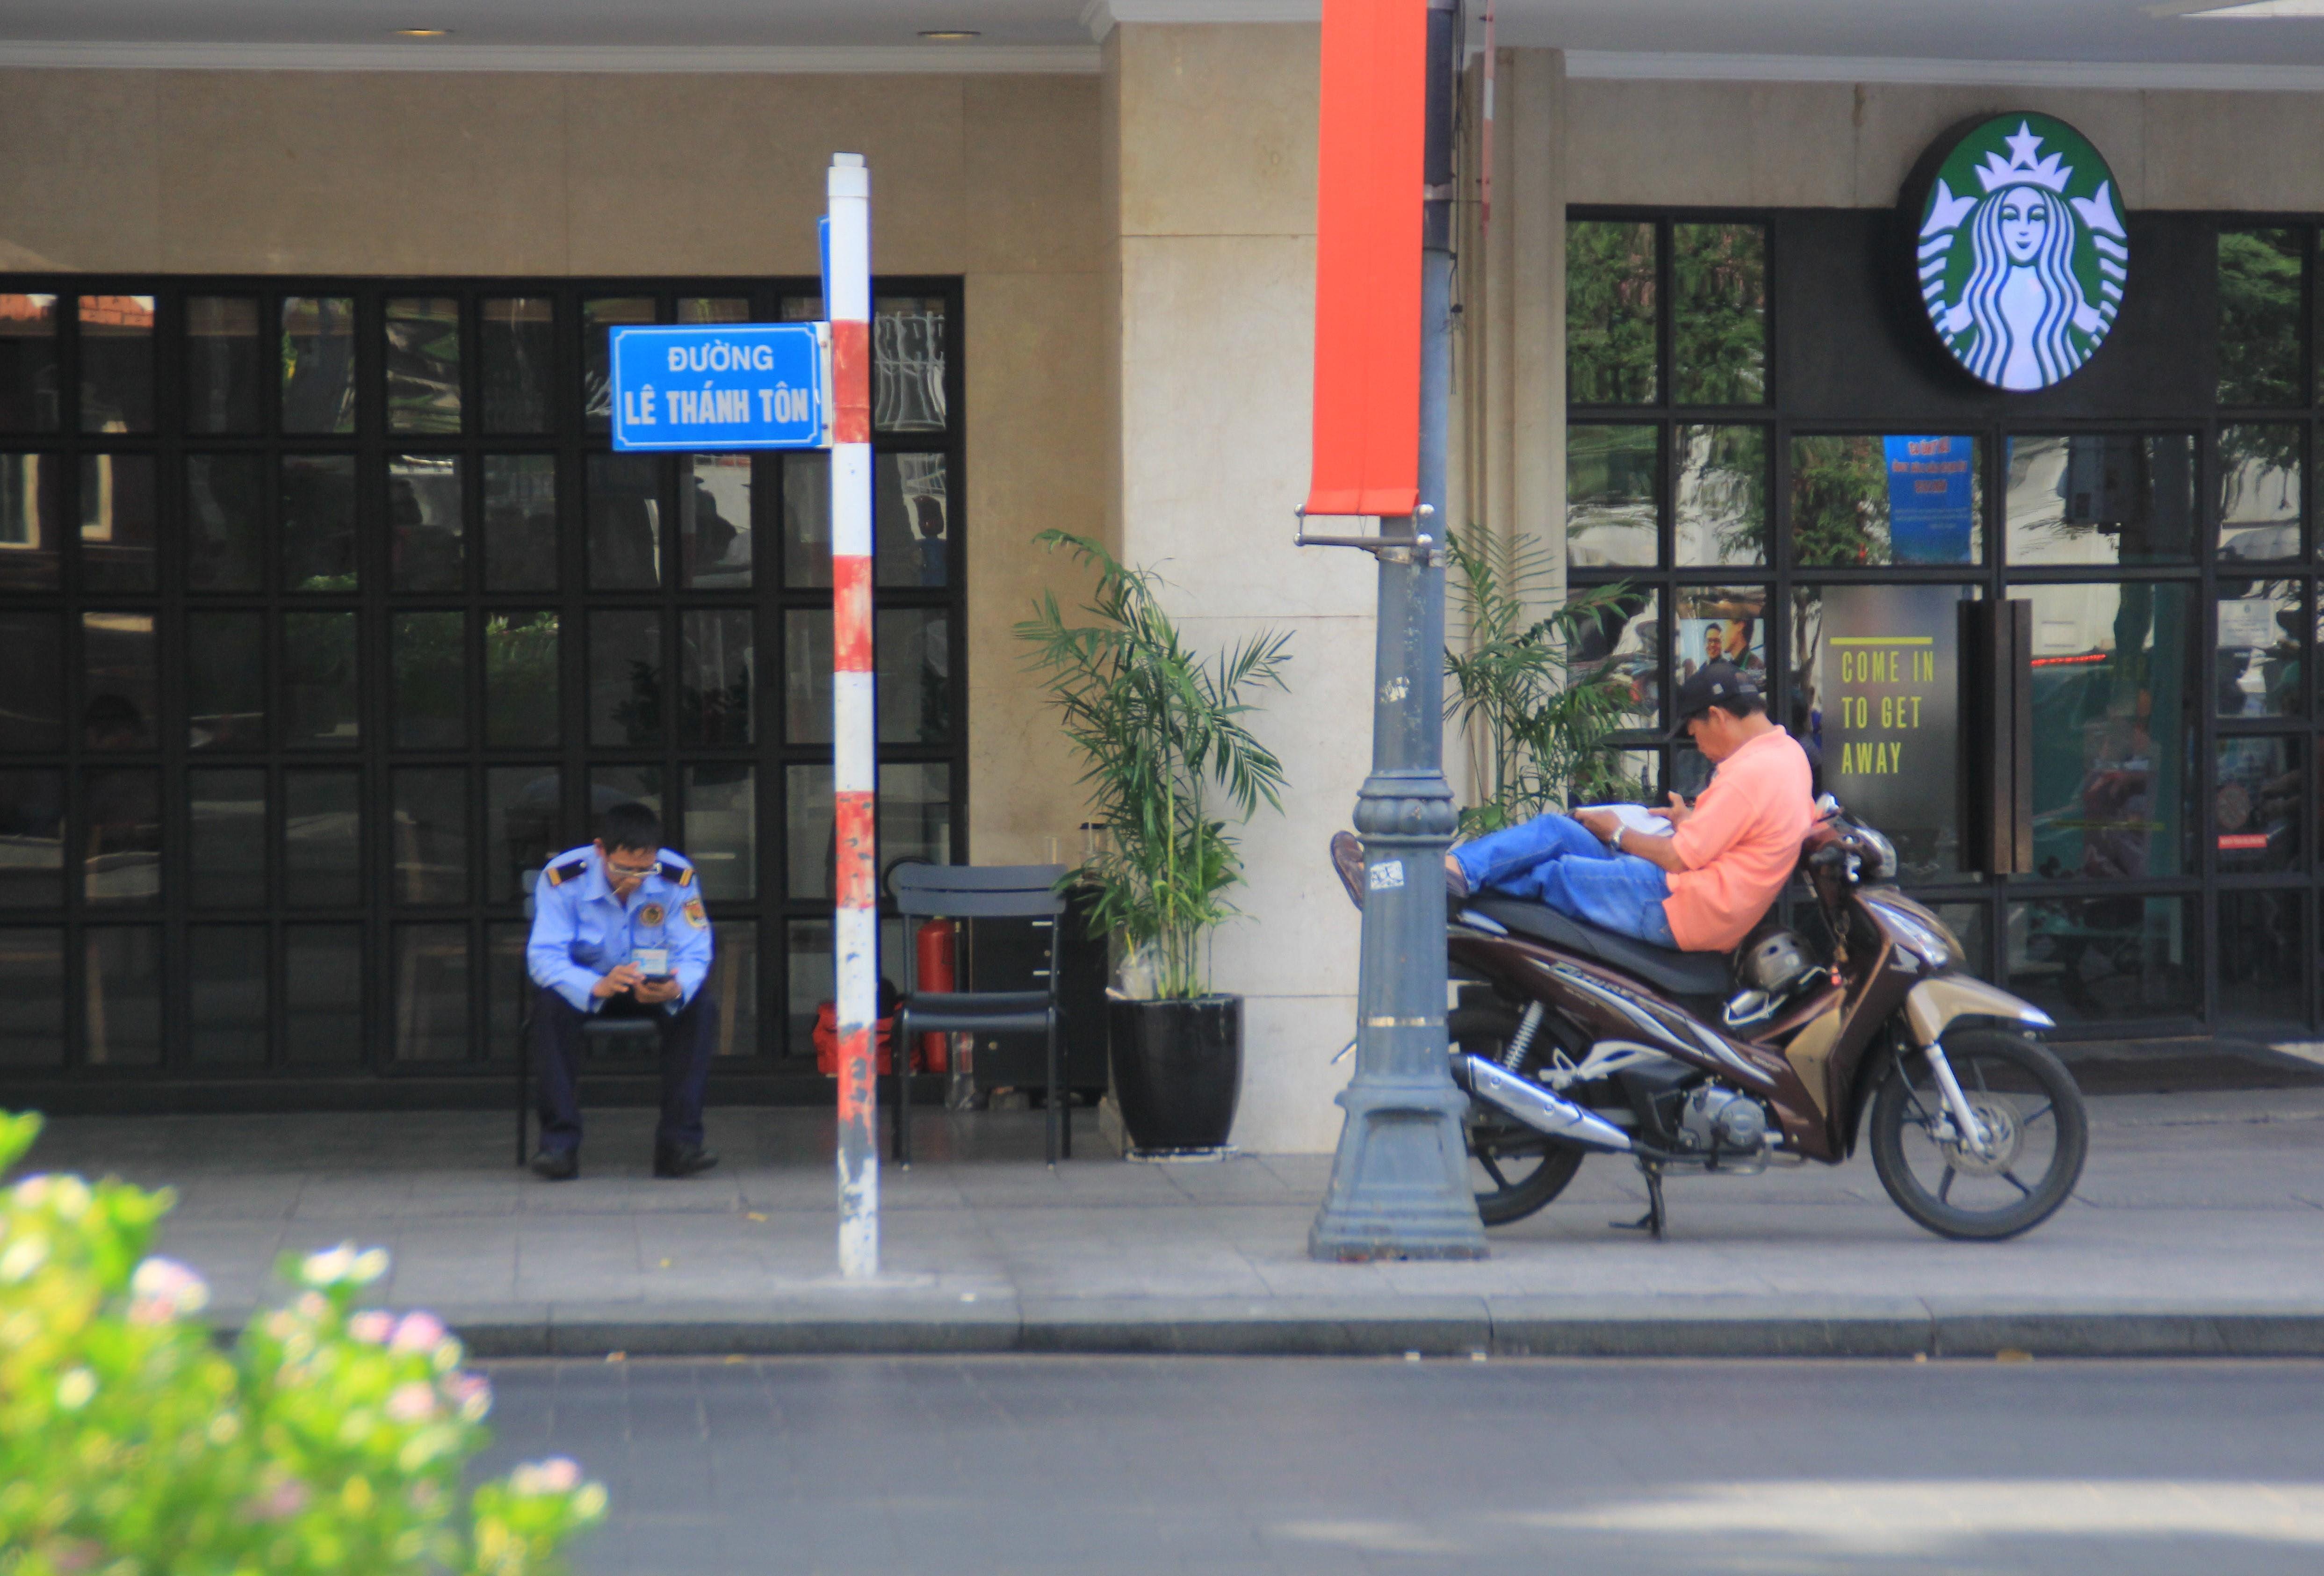 Khung cảnh yên ả ở Sài Gòn ngày đầu kỳ nghỉ lễ 30/4 và 1/5 Ảnh 10